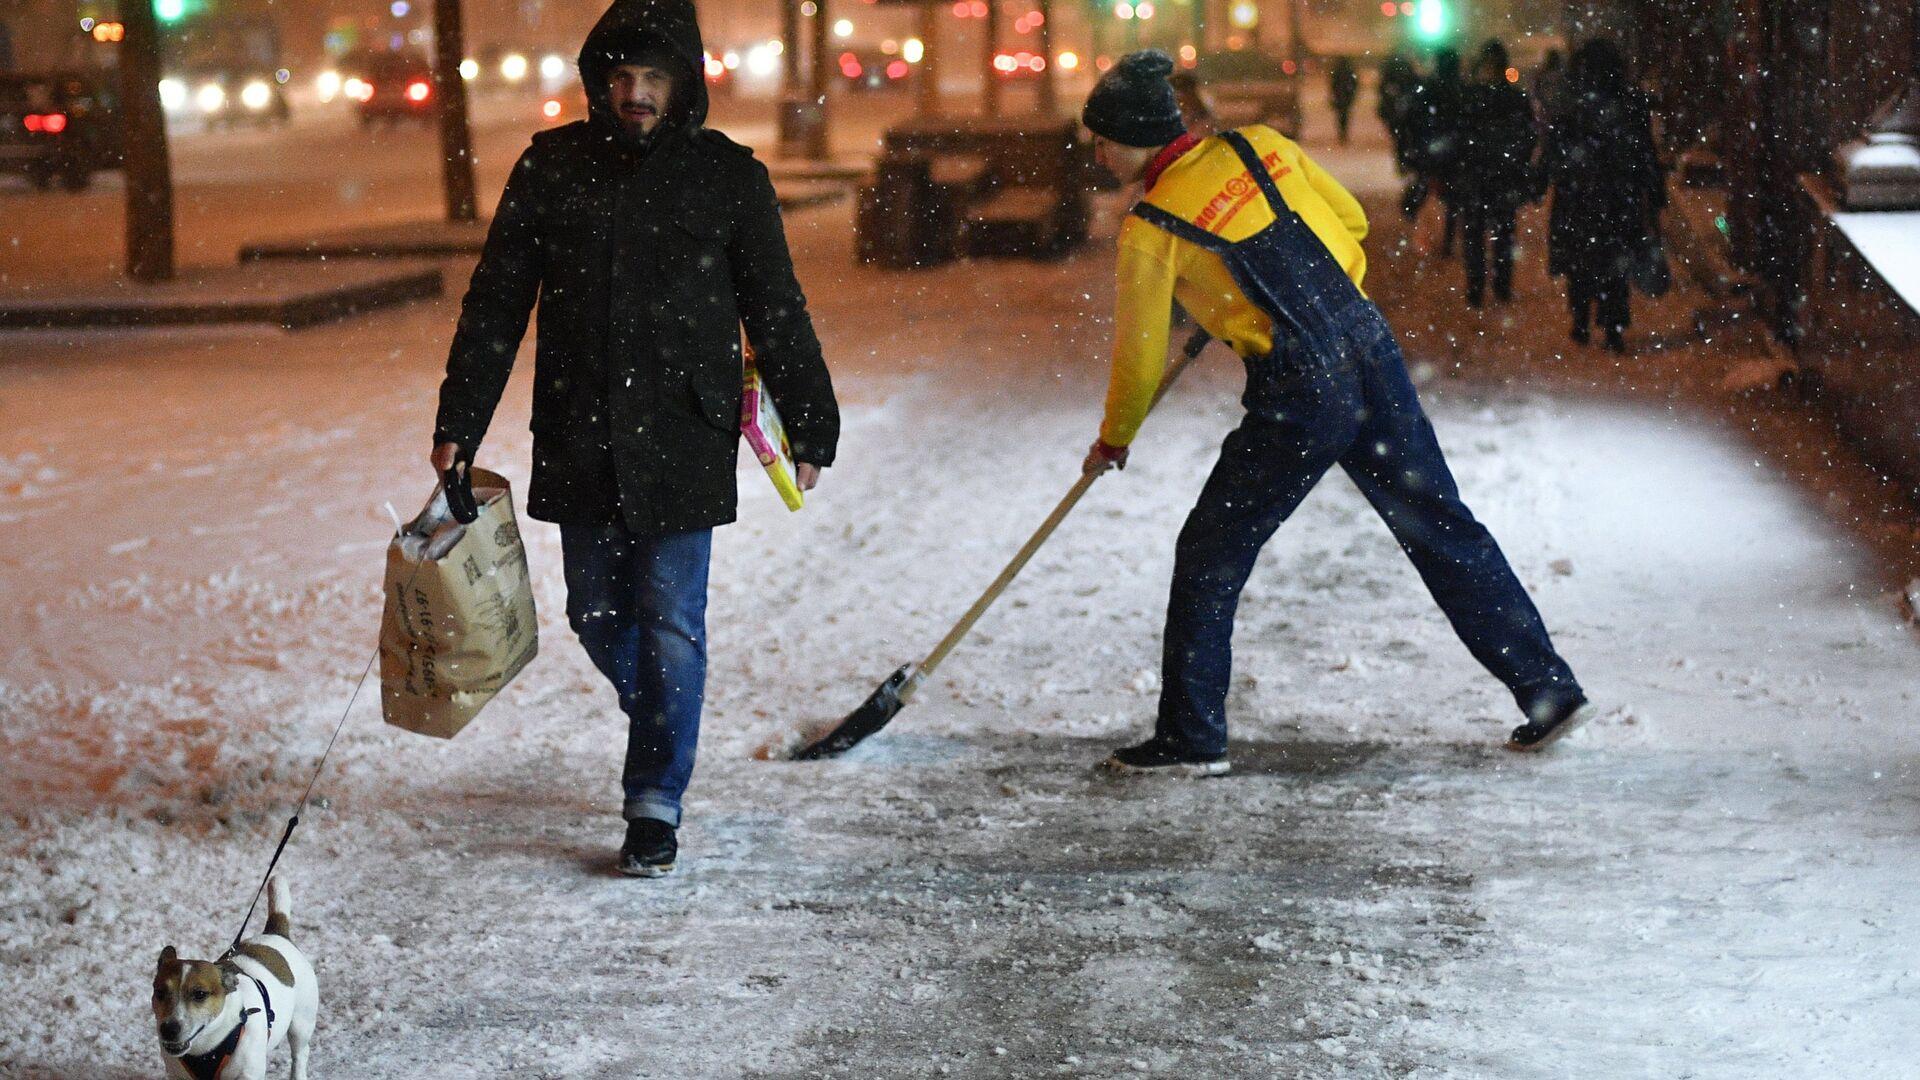 На московских дорогах образовались гололедица и снежные заносы